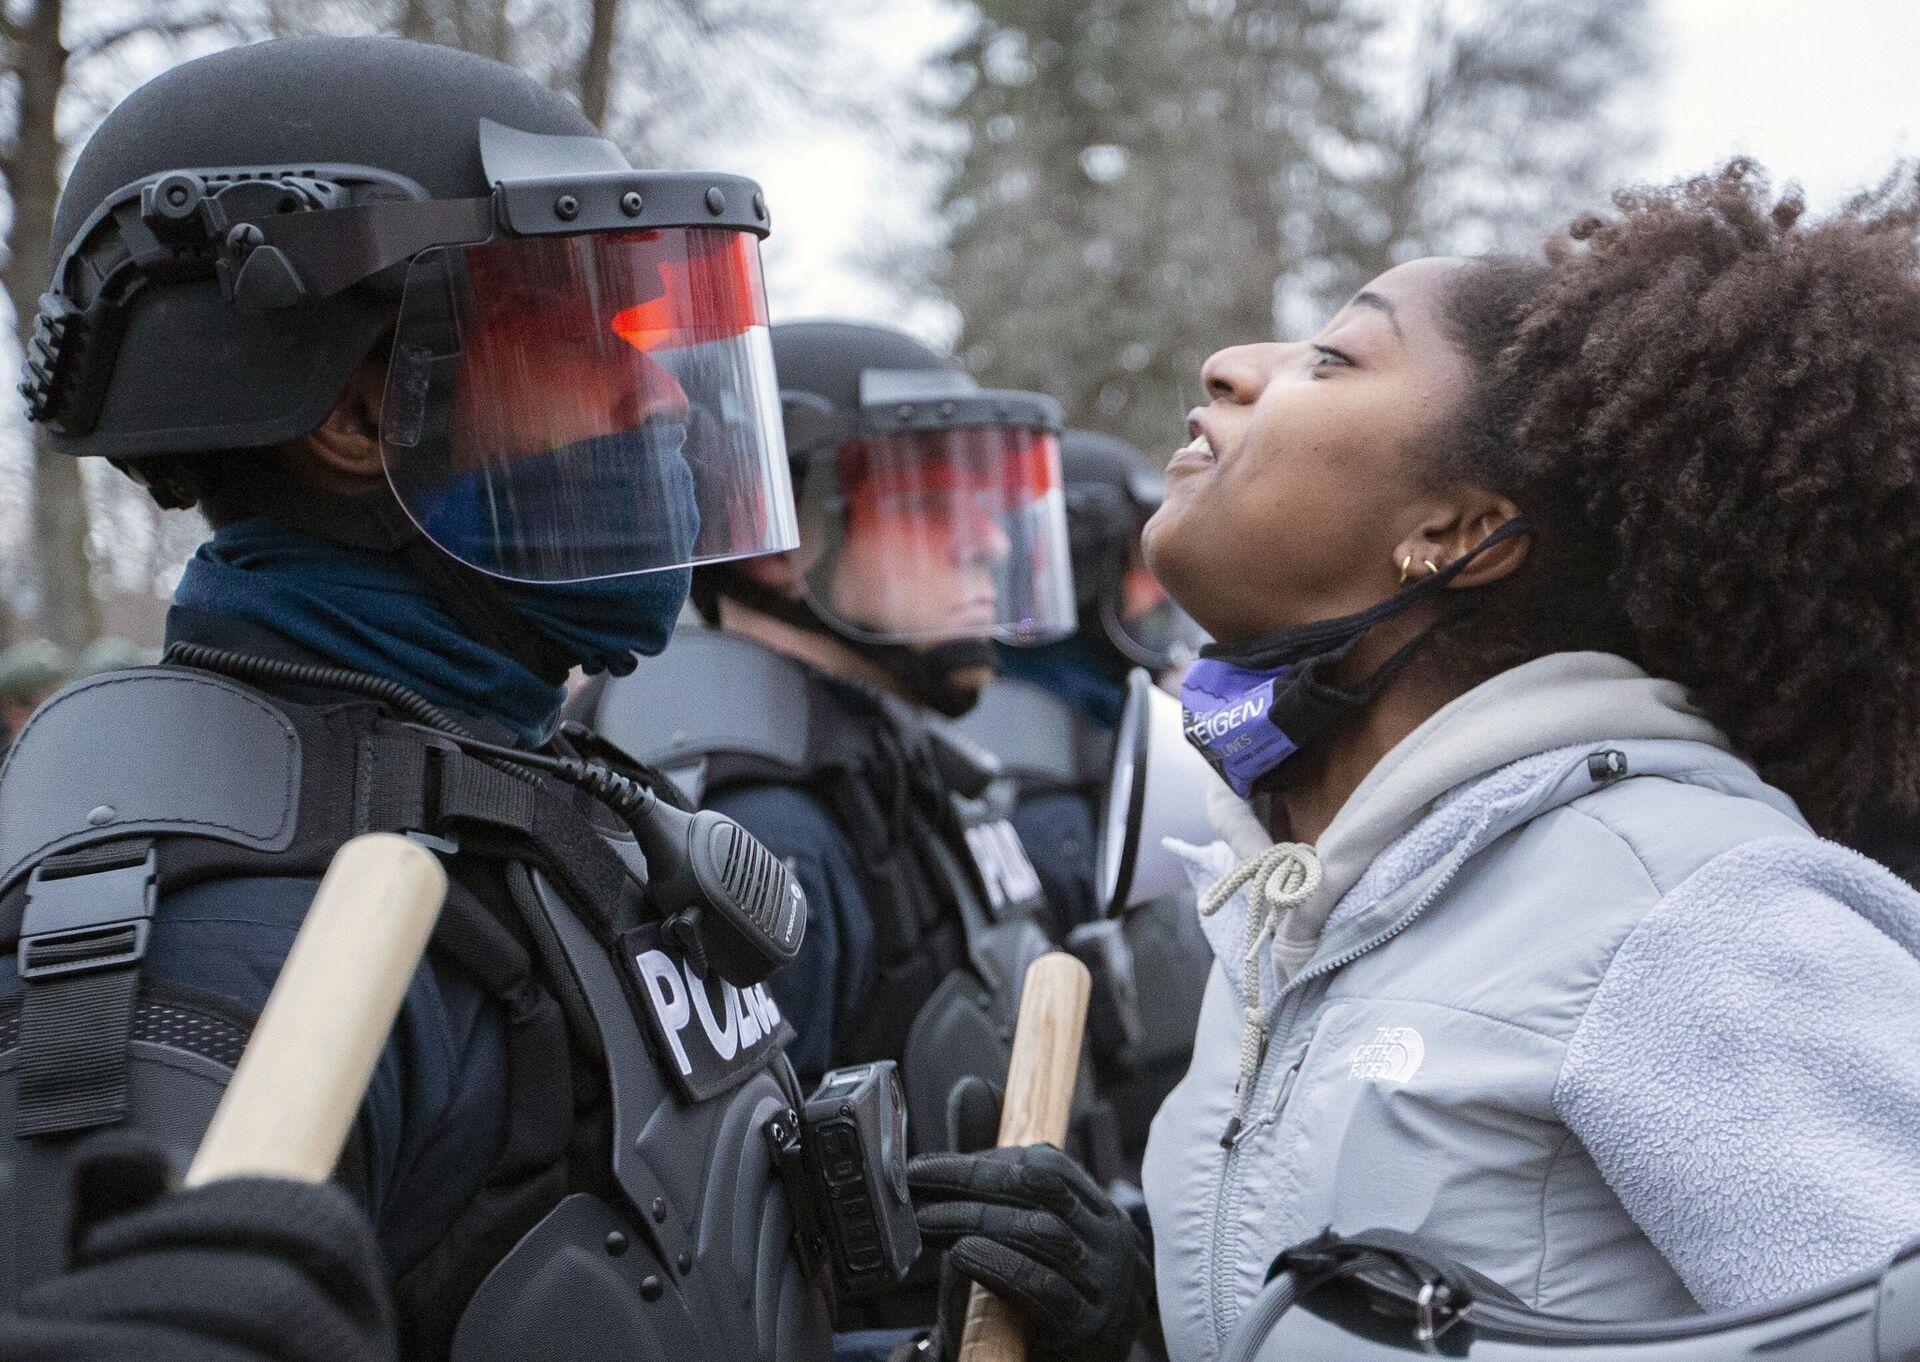 Участница акции протеста и полицейские в центре города Бруклин-Сентер в штате Миннесота, США - РИА Новости, 1920, 13.04.2021